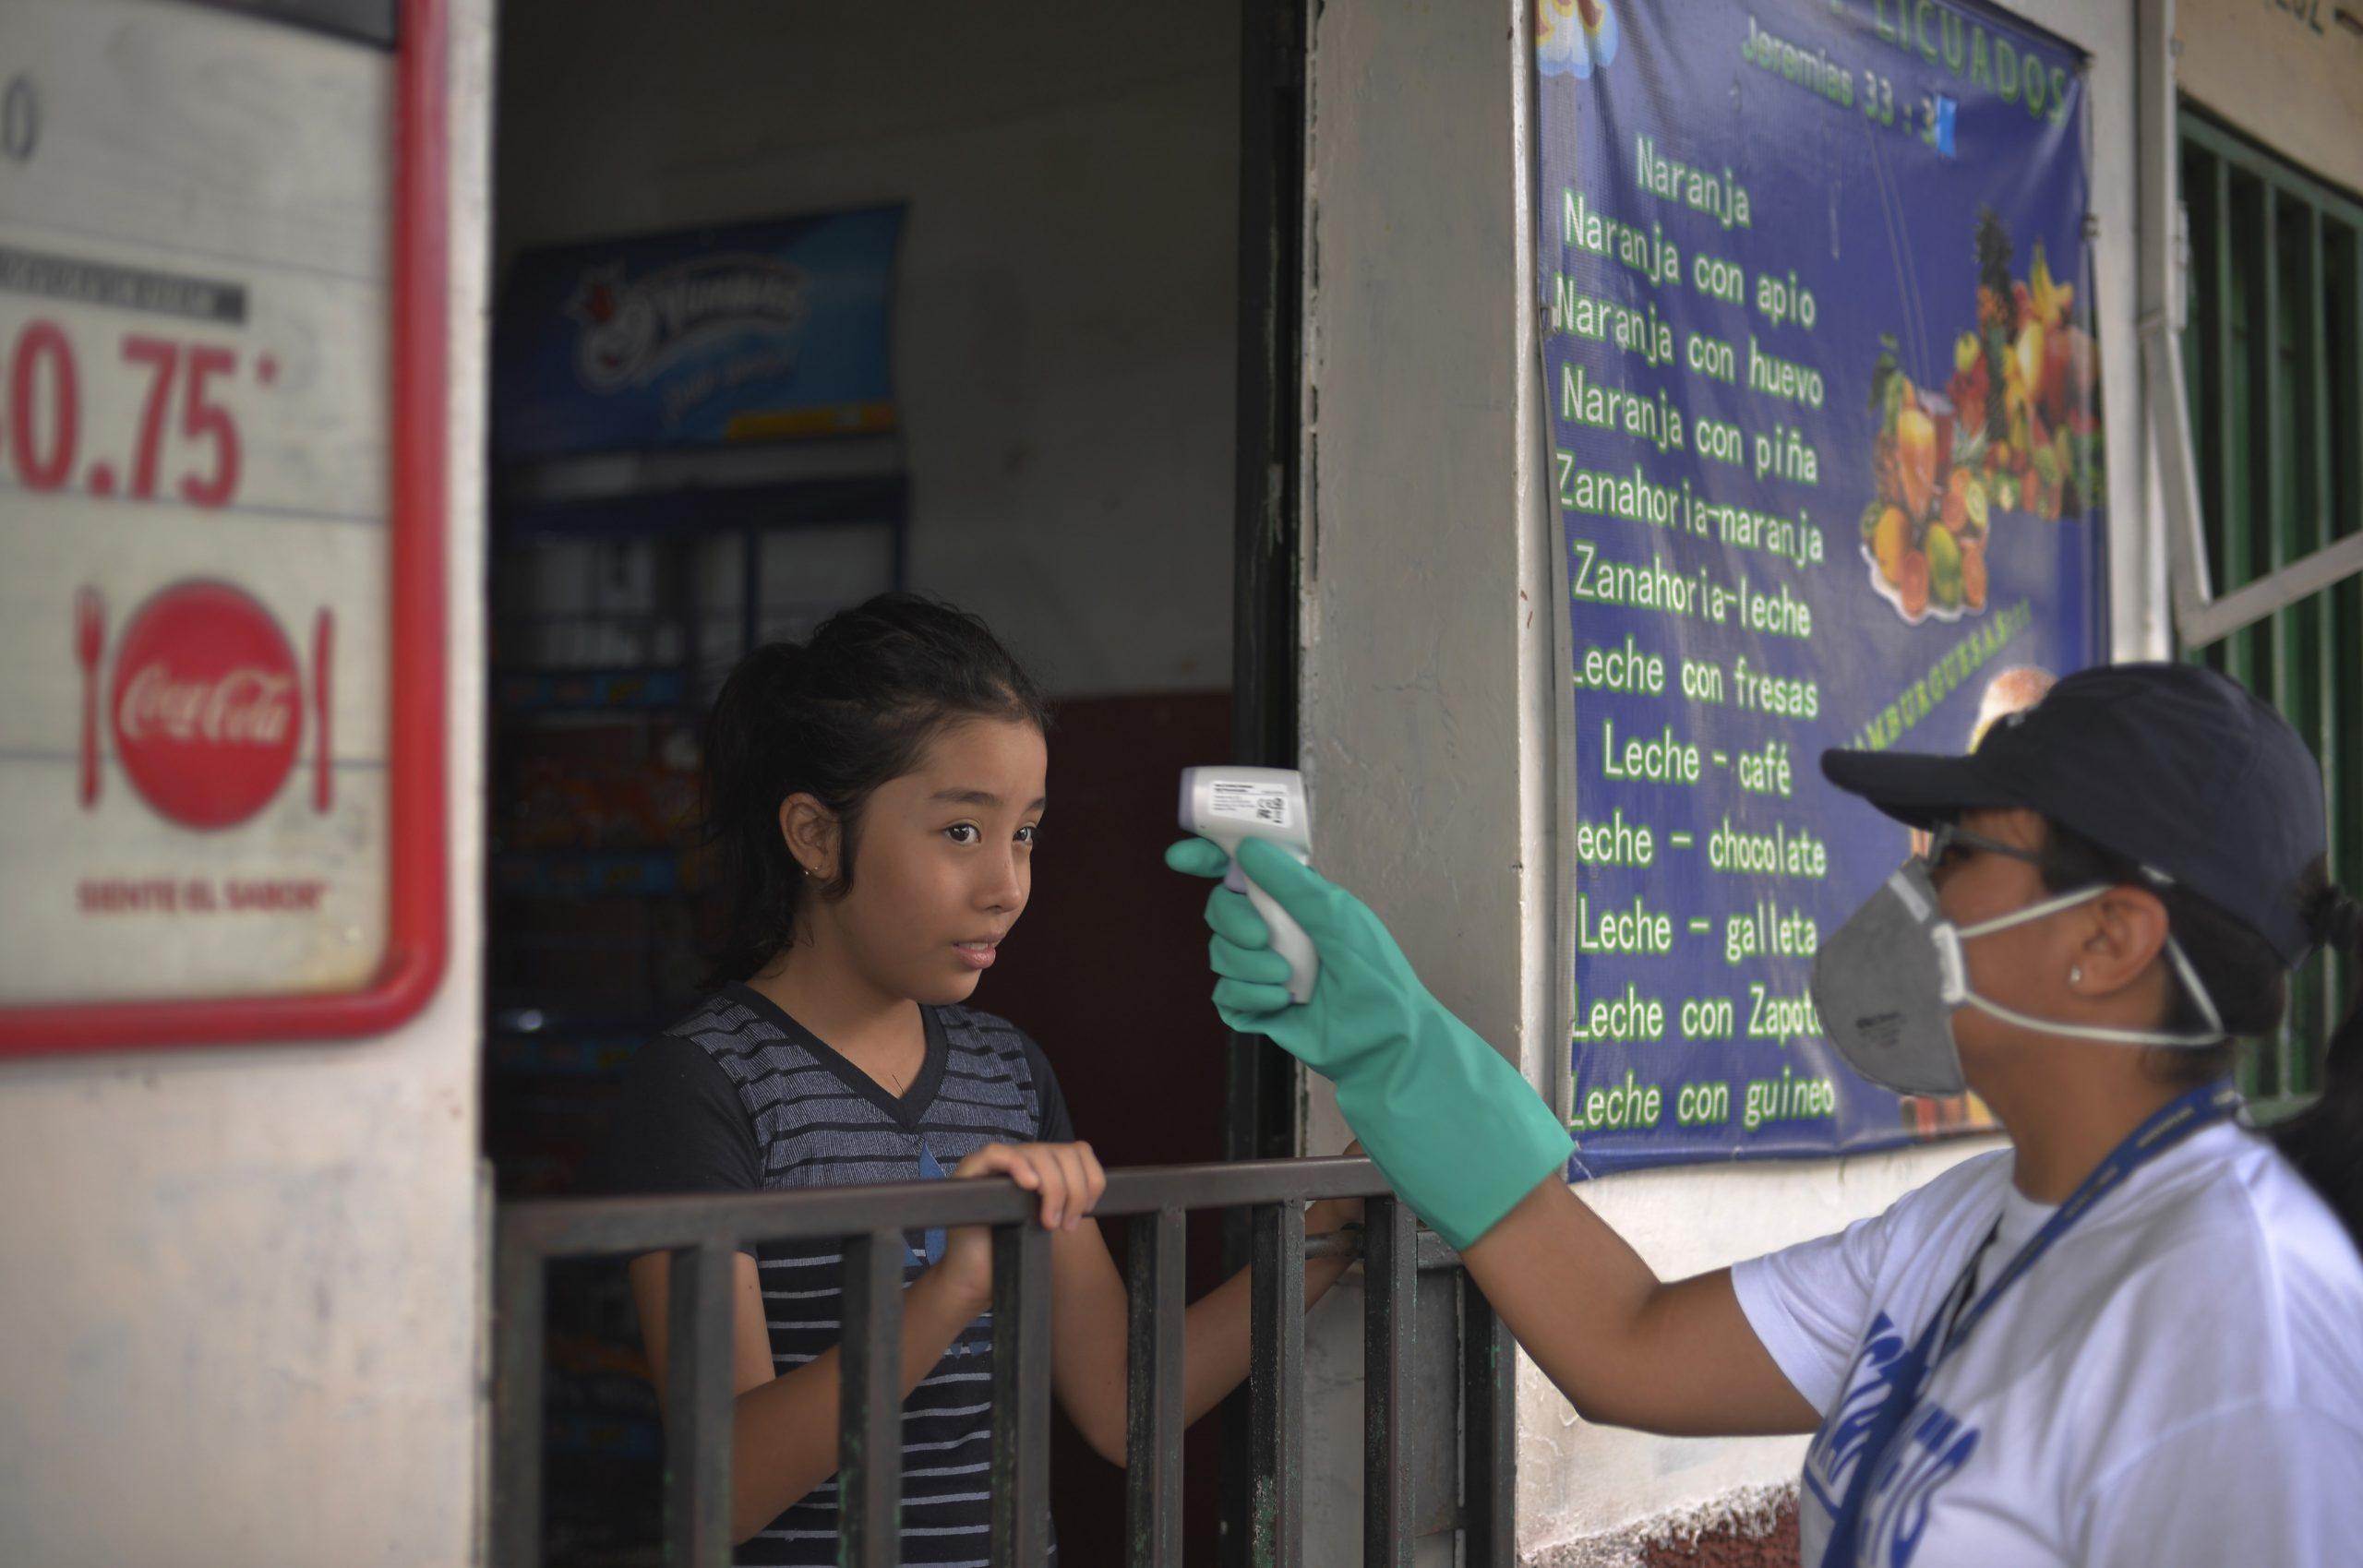 China se coordina con El Salvador para asistirlo ante COVID-19, dice embajadora china